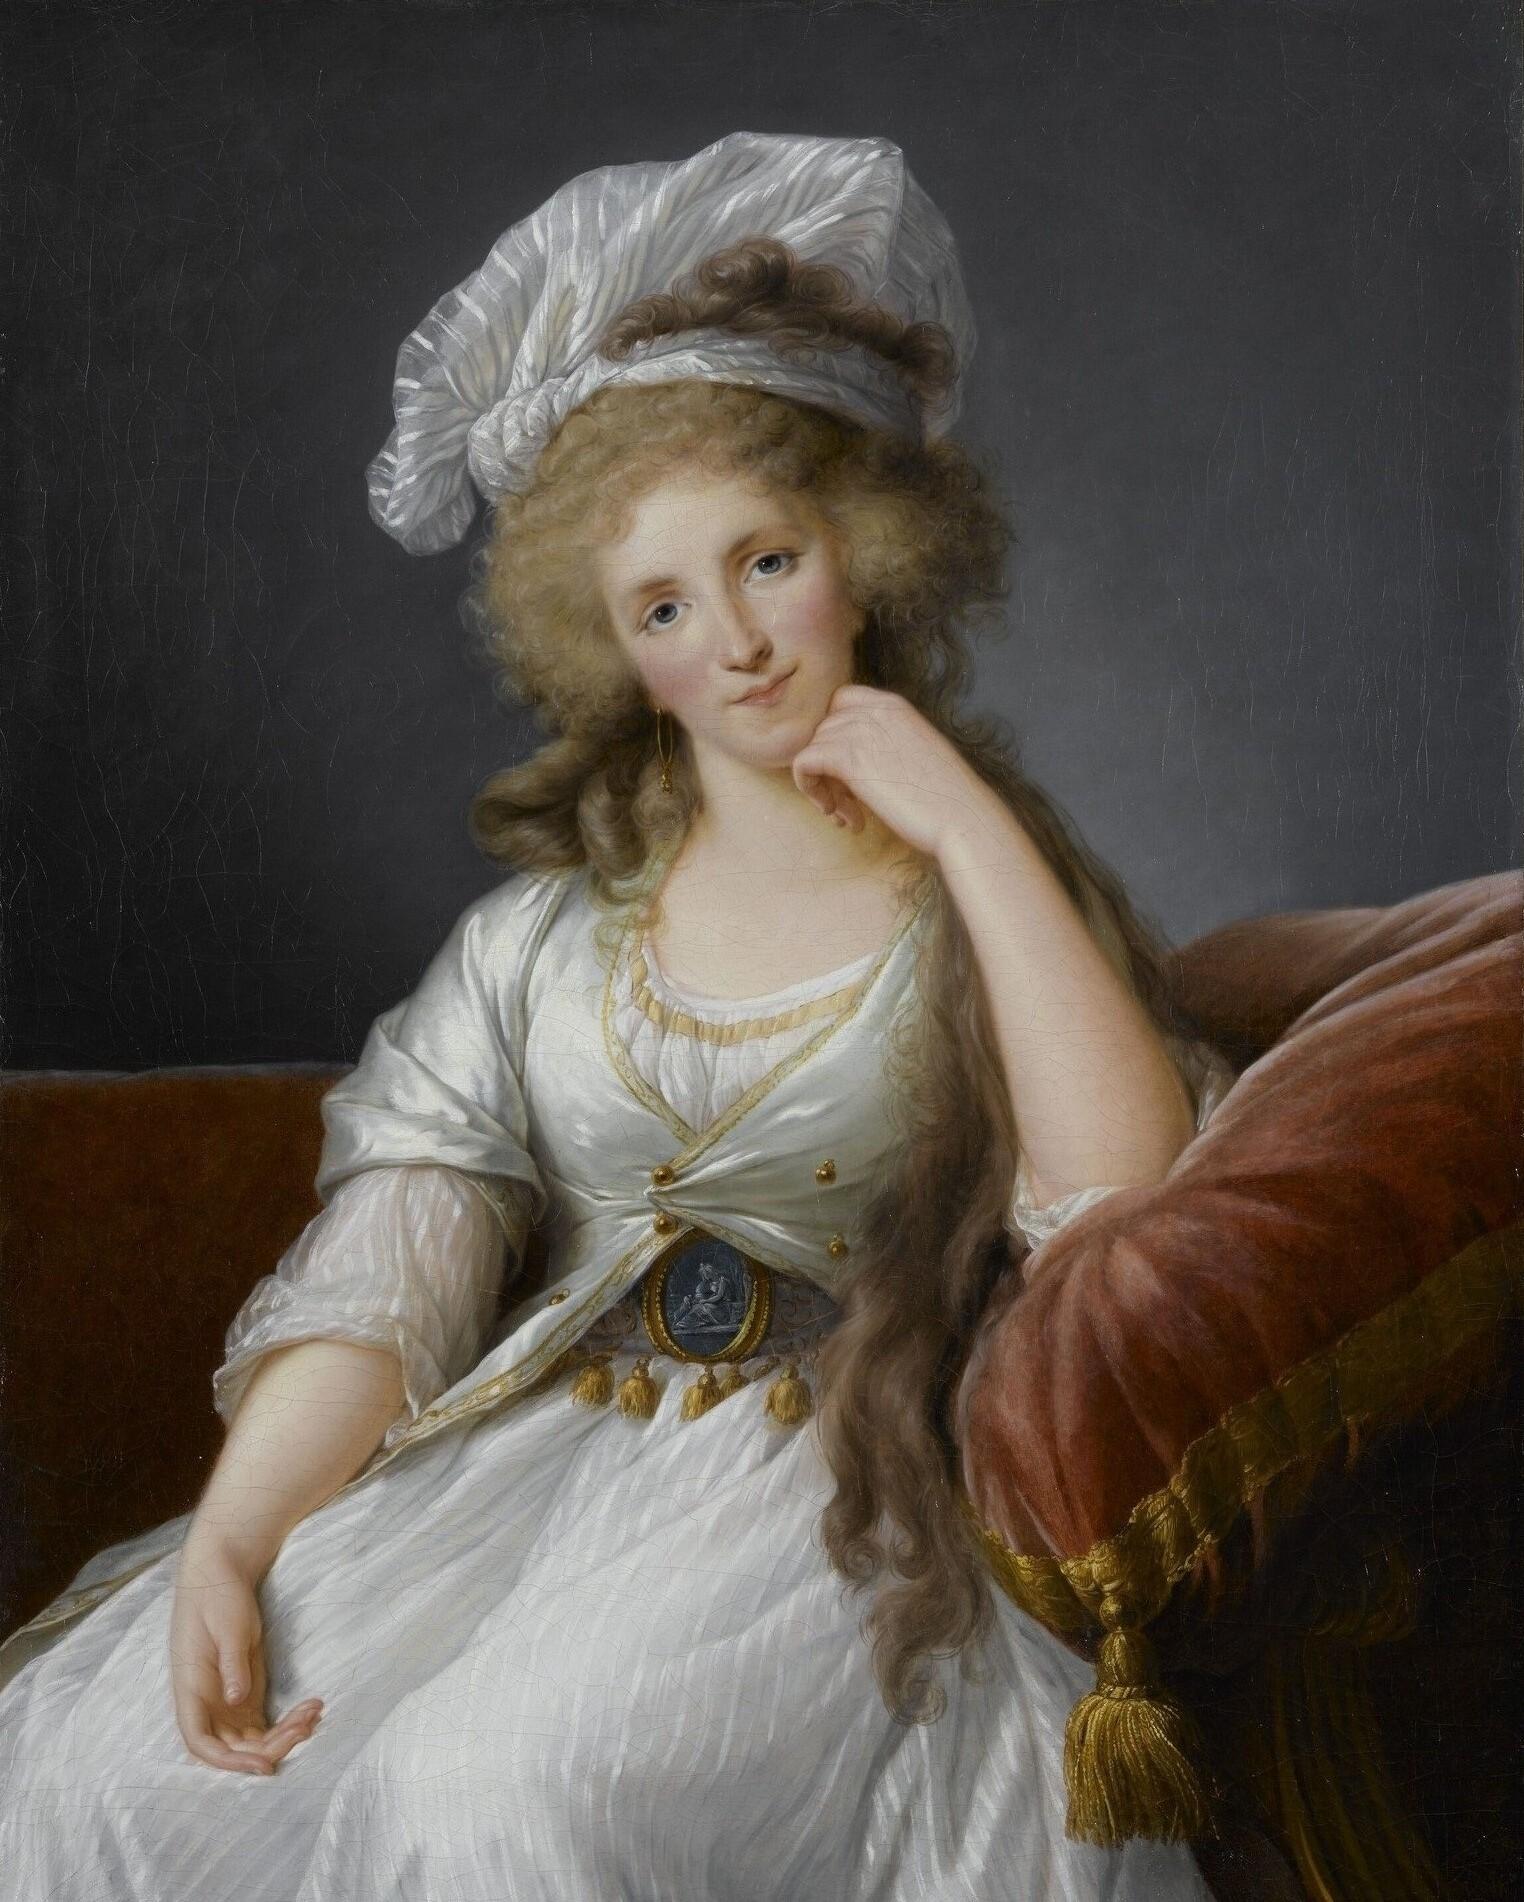 Fichier:Portrait of Louise Marie Adélaïde de Bourbon by Vigée ...